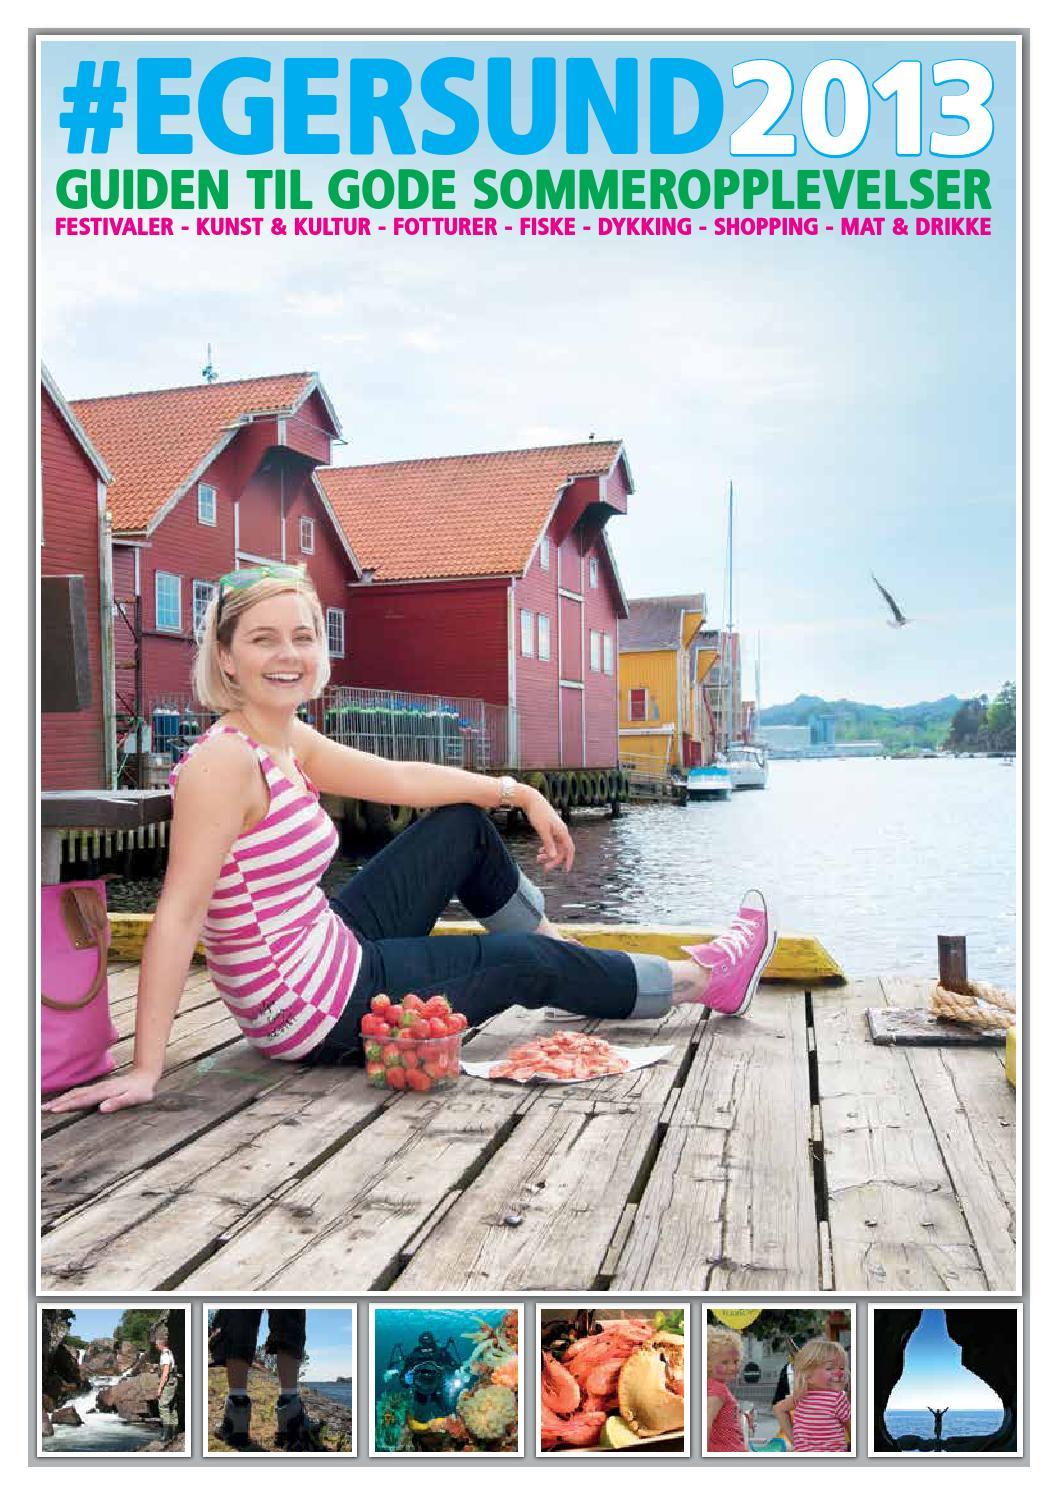 norske damer fra eigersund på jakt etter menn svenske damer på jakt etter sex kompis i nordland